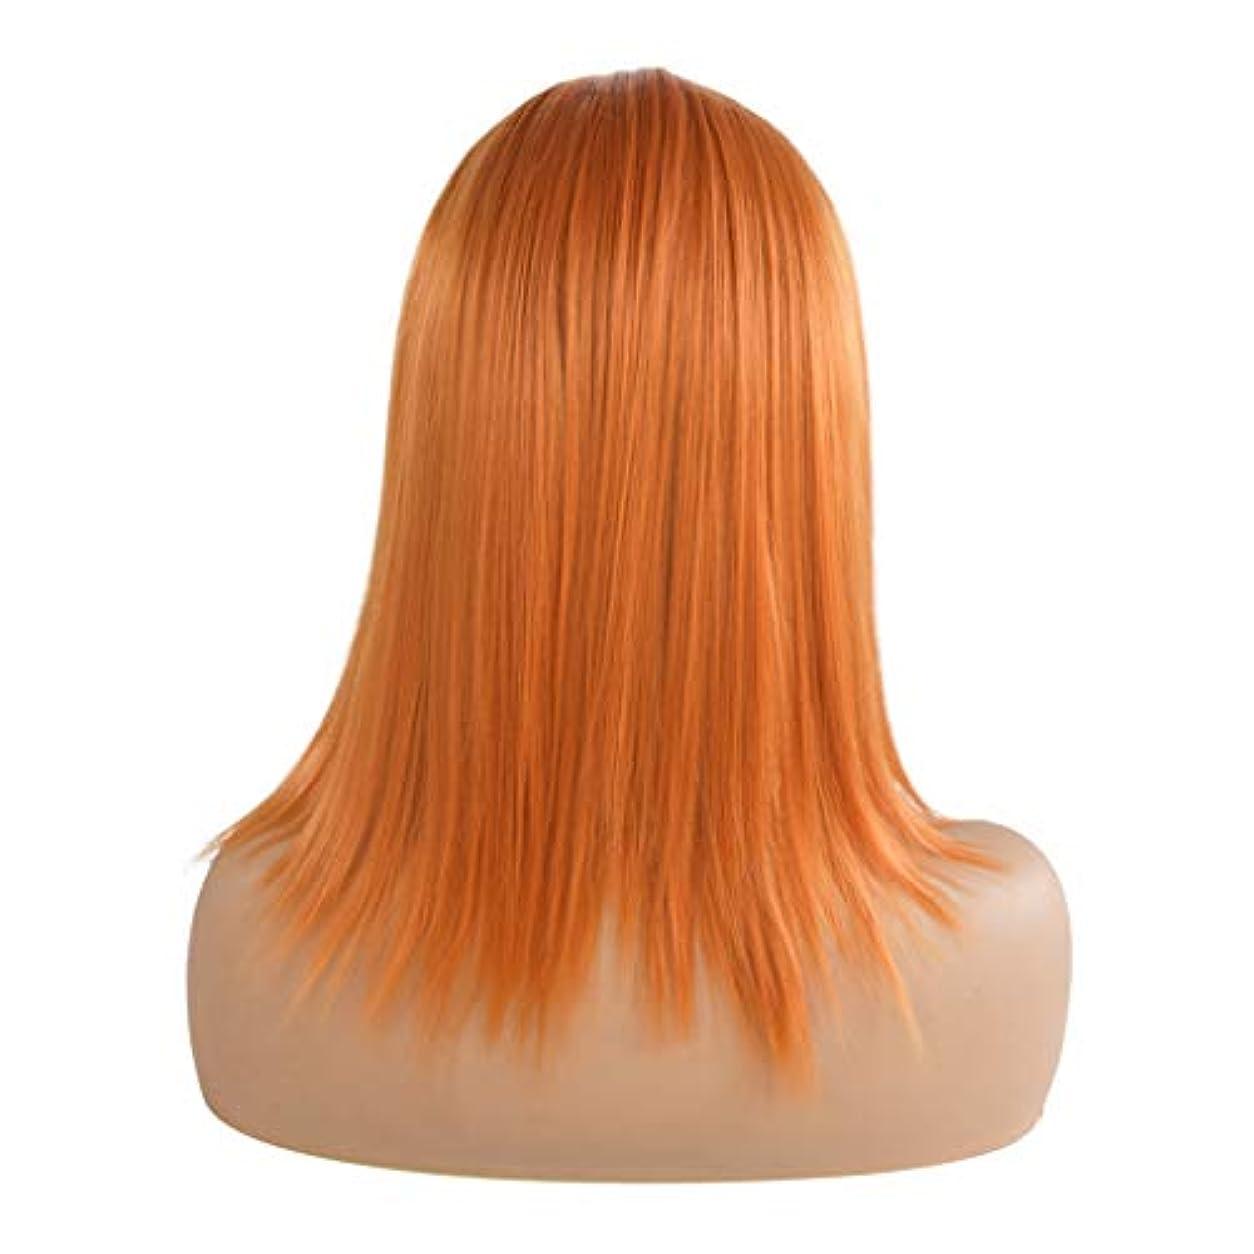 スナッチ主権者アイロニーウィッグオレンジショートストレートヘアフロントレースファッションウィッグ18インチ